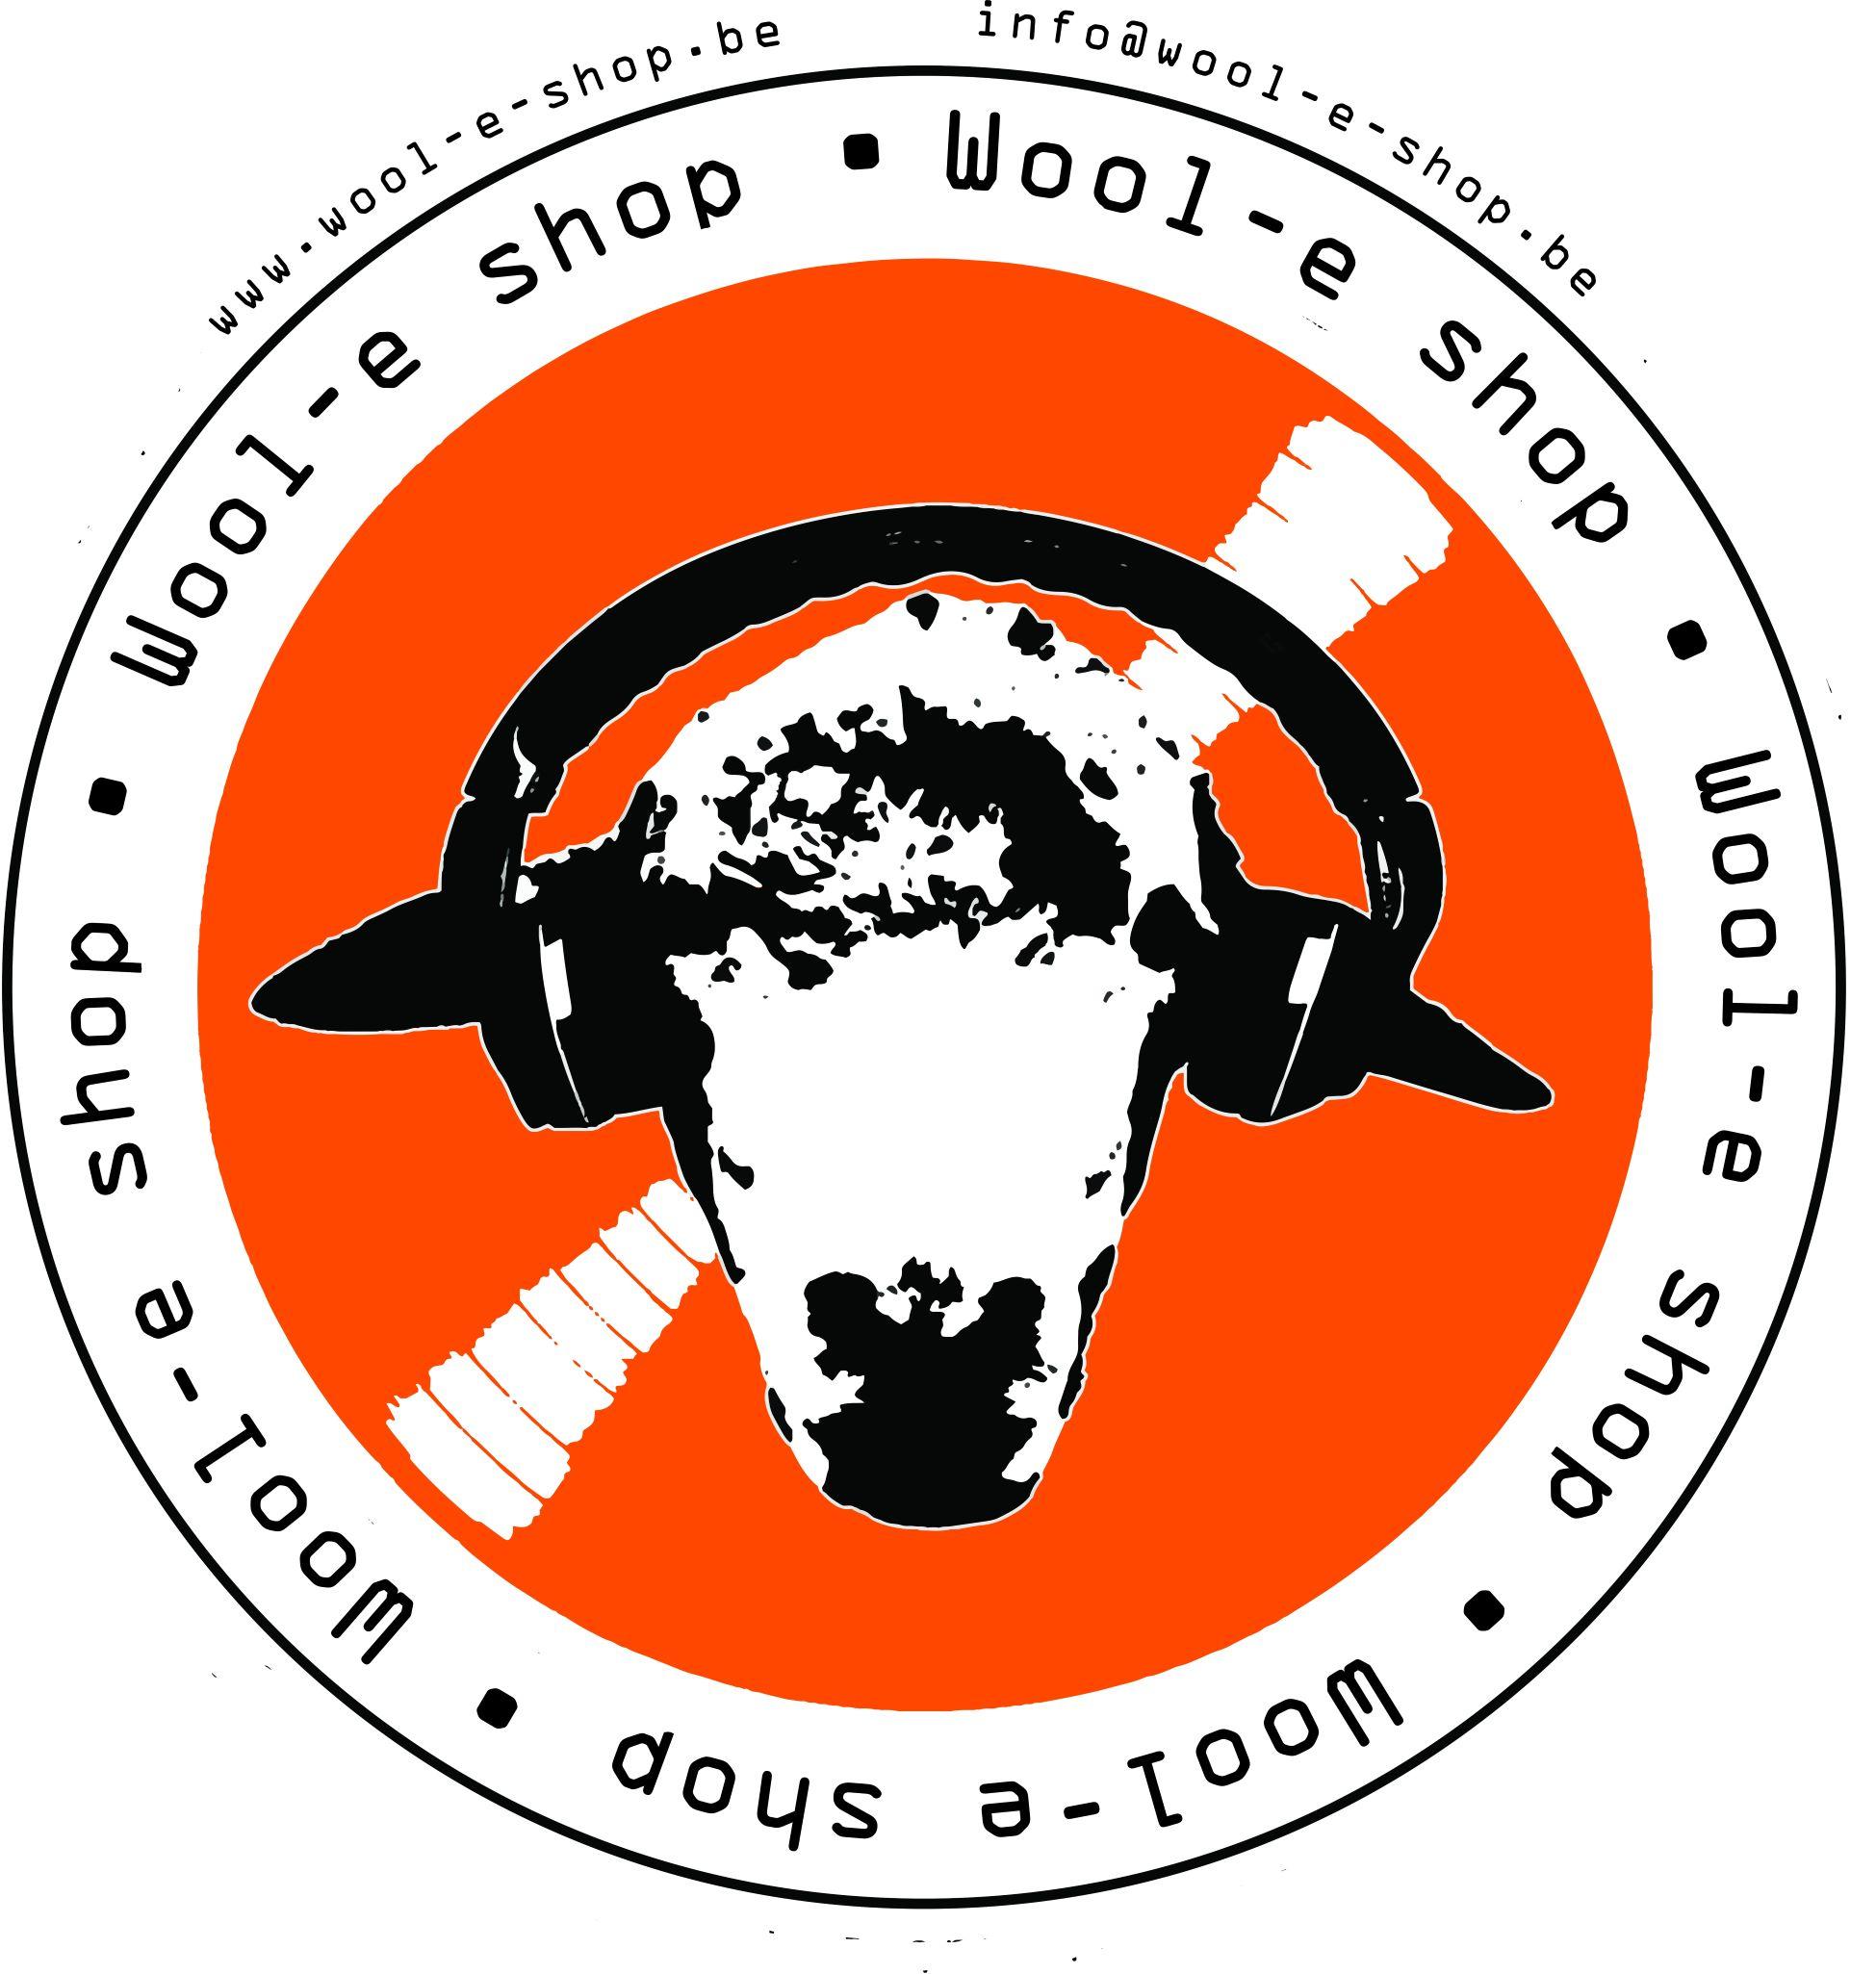 Wool-E Shop logo nieuw (3).jpg